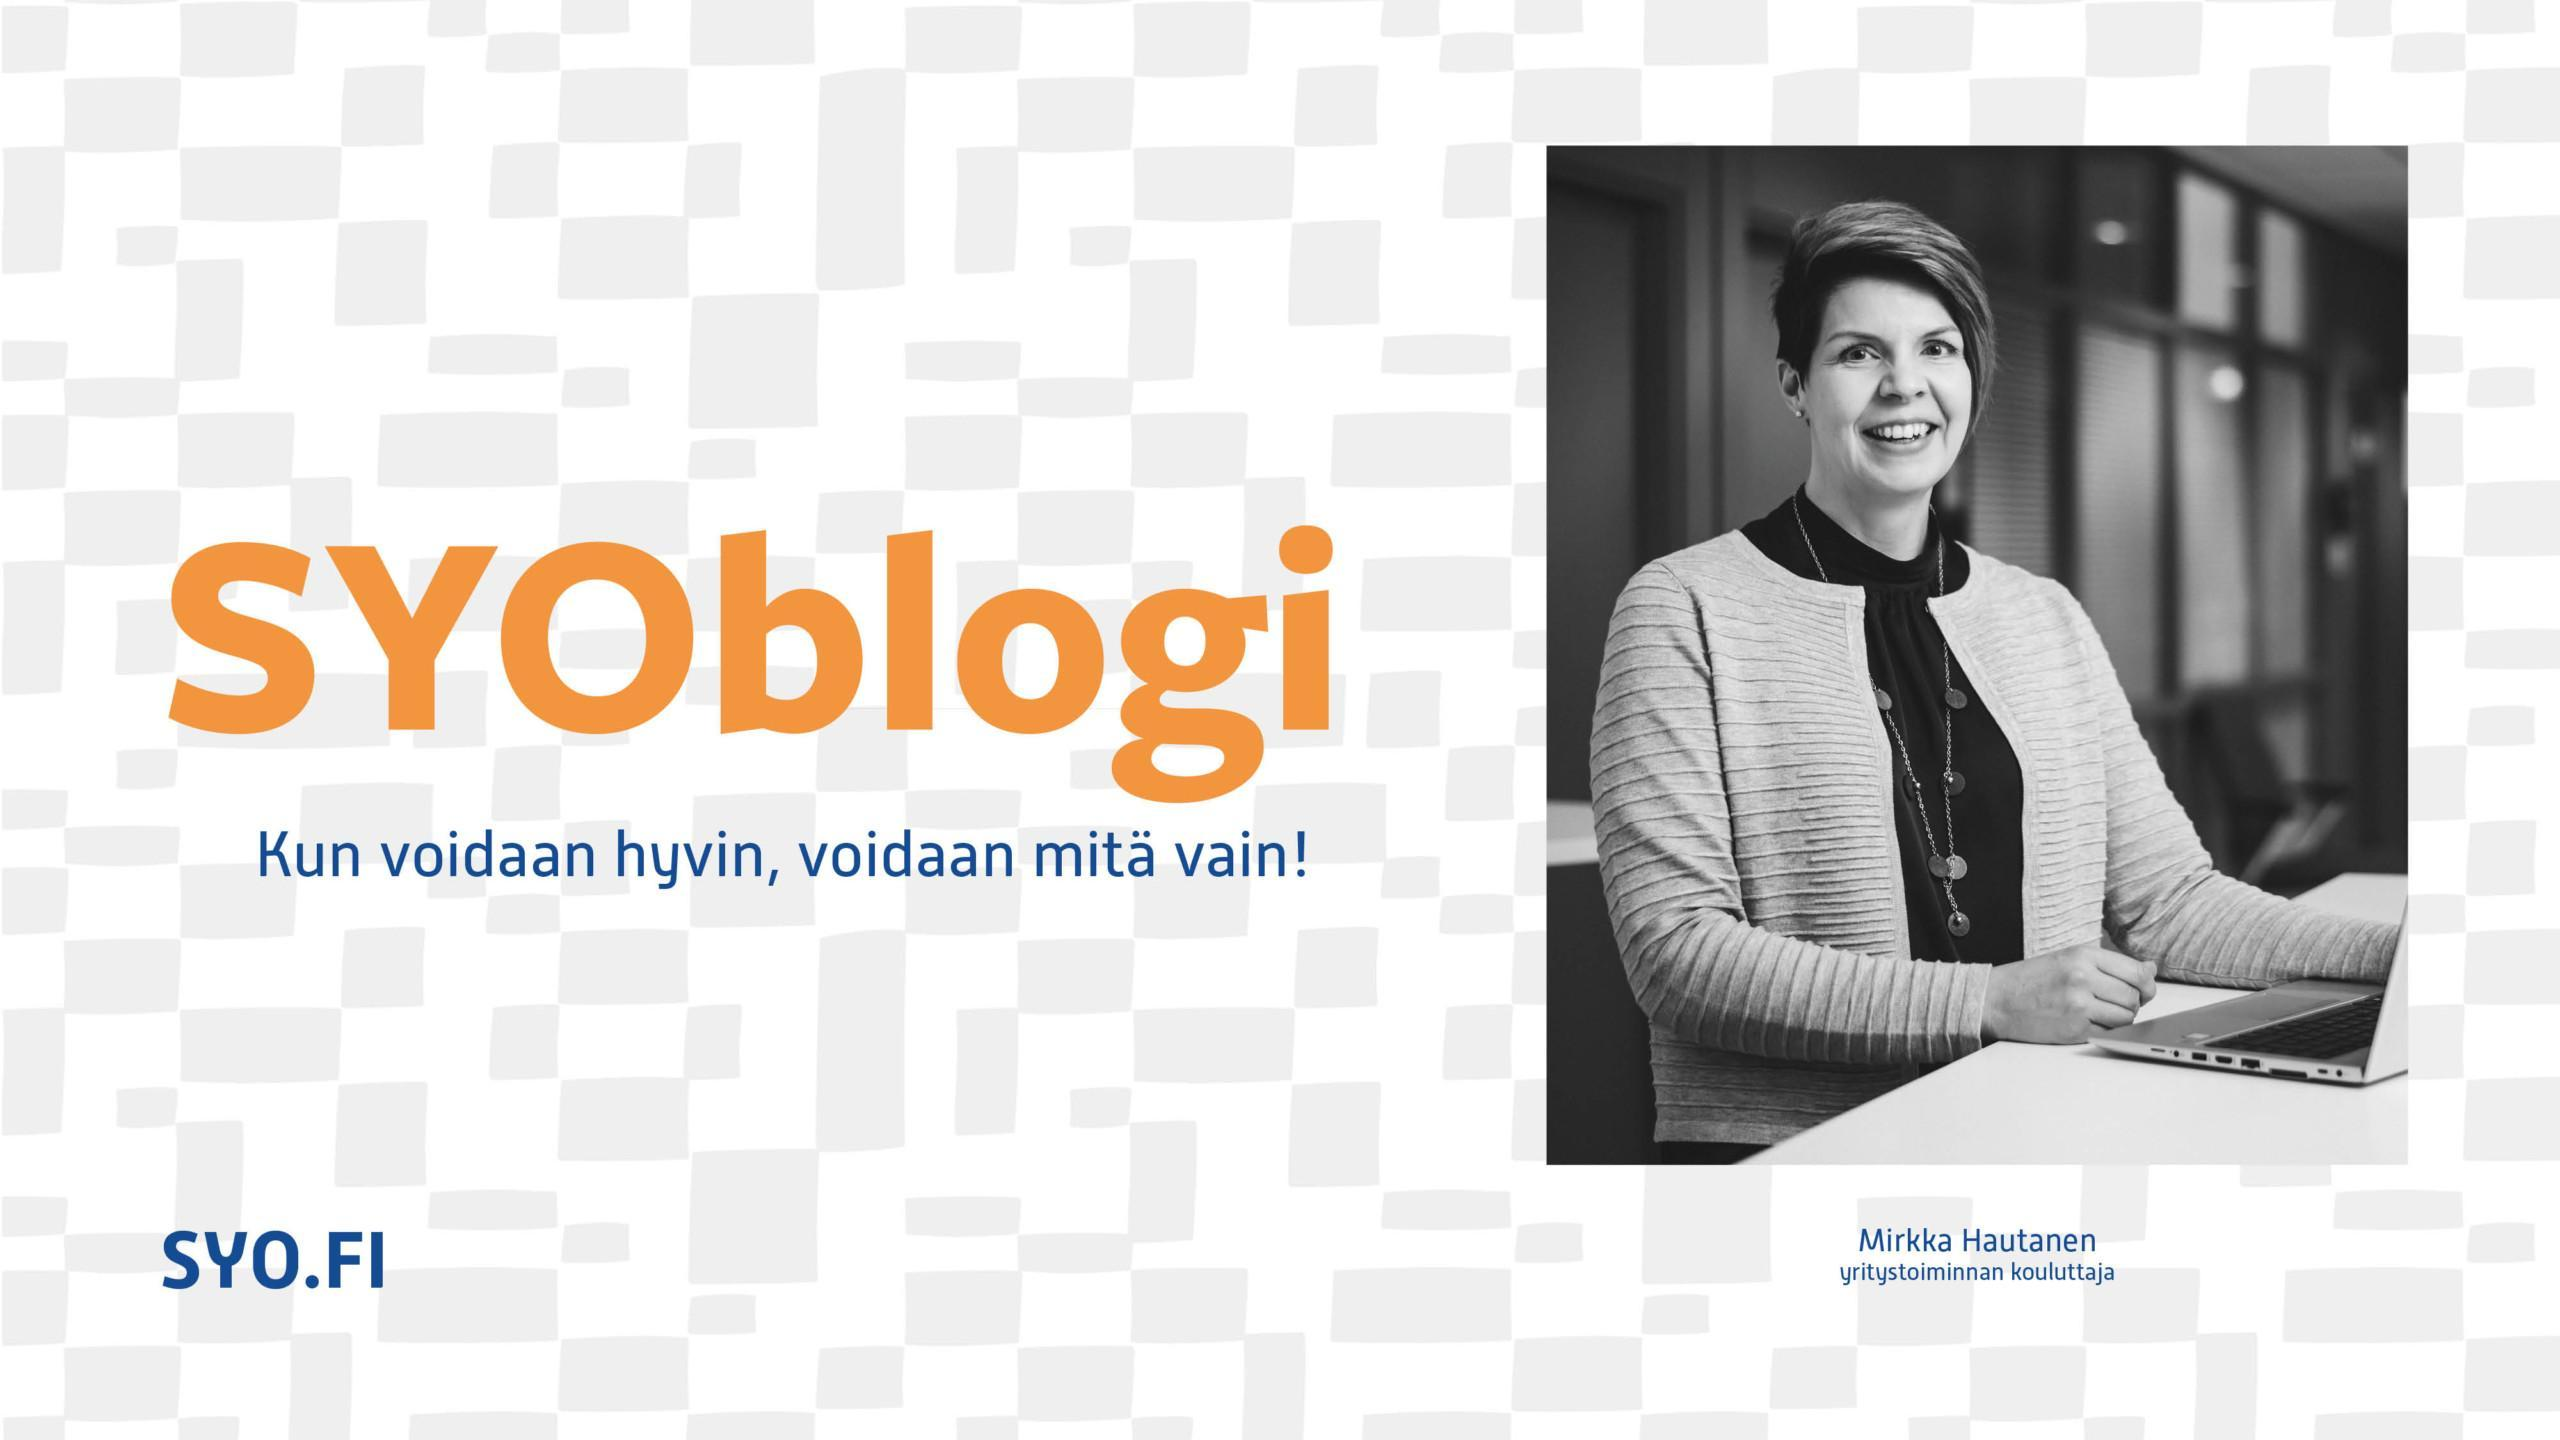 Mirkka Hautanen kirjoitti SYOblogissa työhyvinvoinnin merkityksestä.